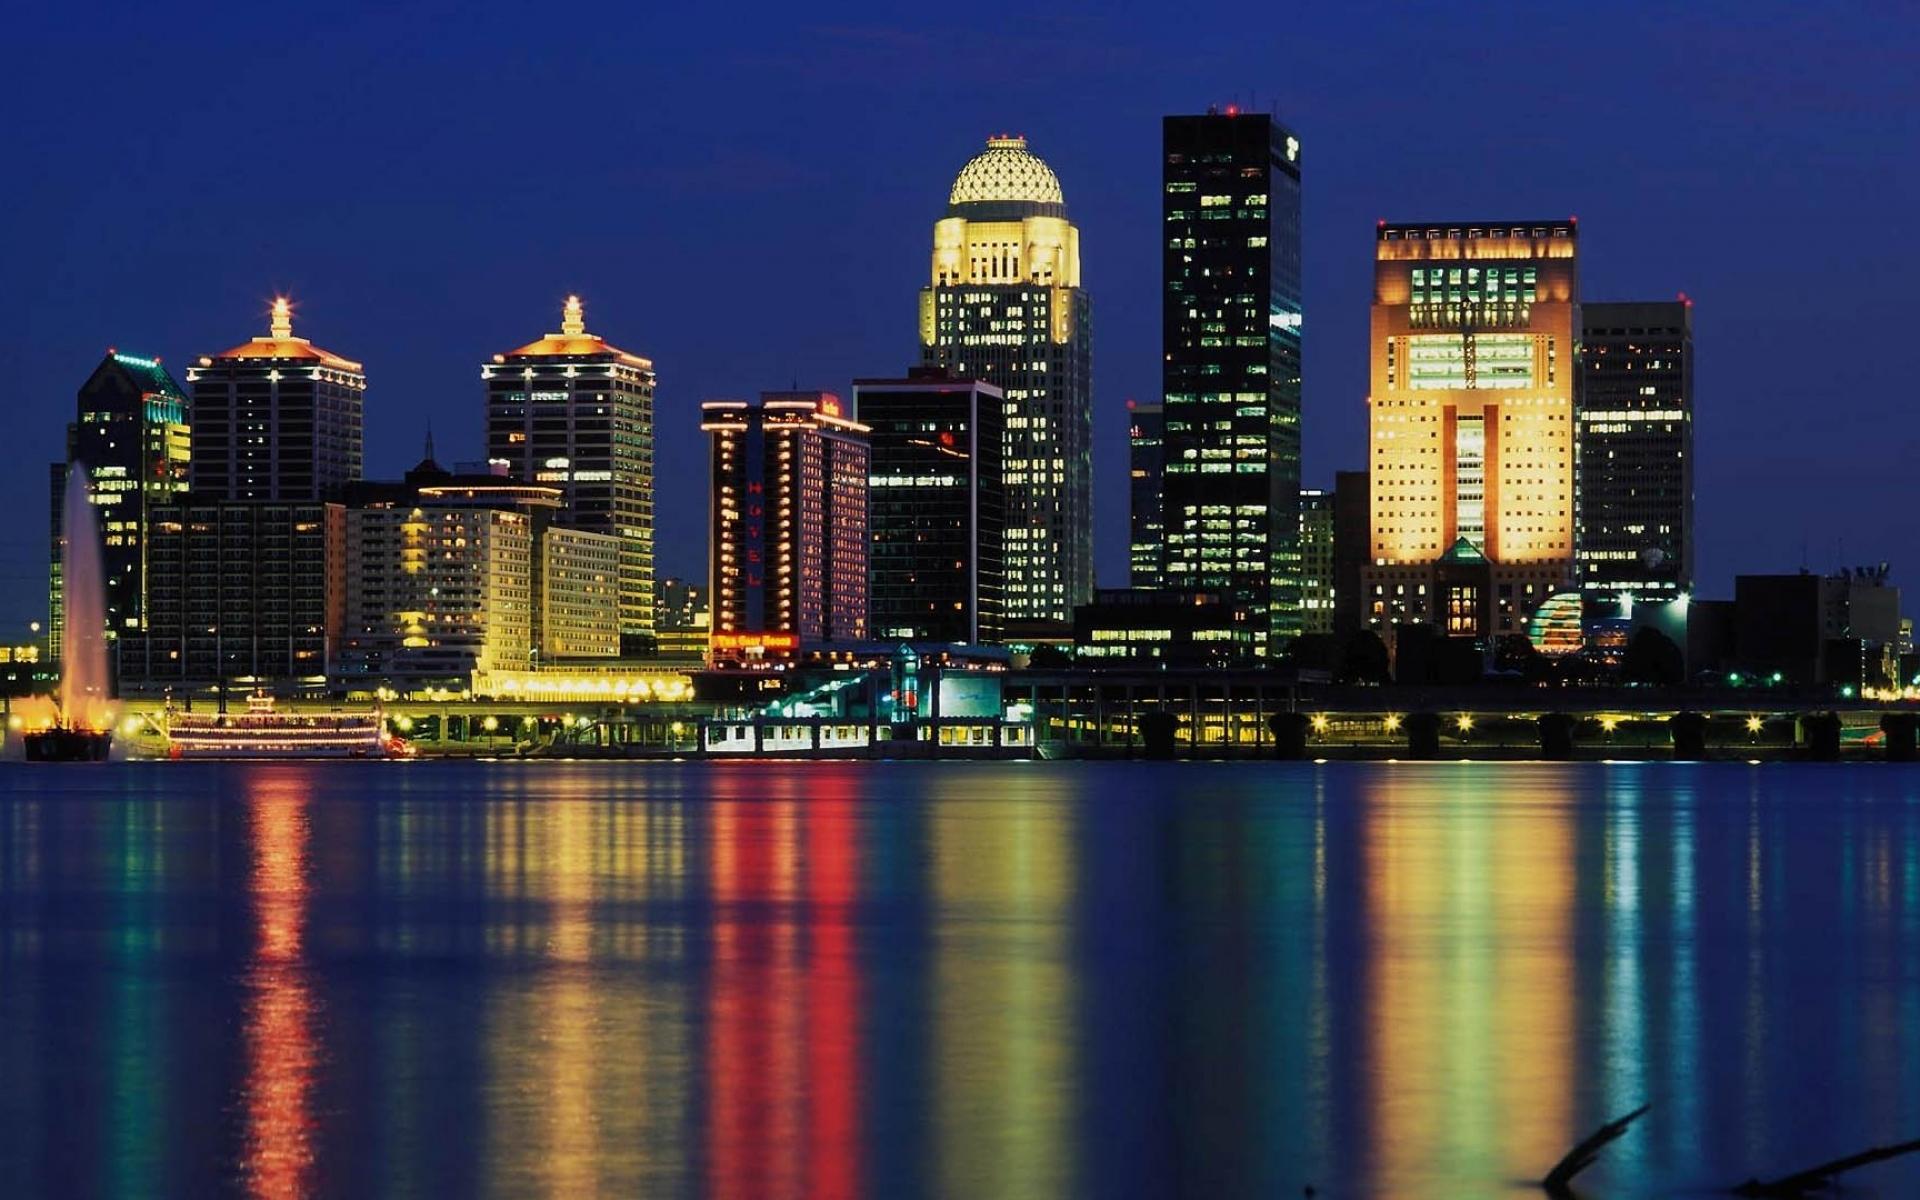 Картинки Луисвилл, горизонт, США,небоскреб, ночь, размышление, здания фото и обои на рабочий стол